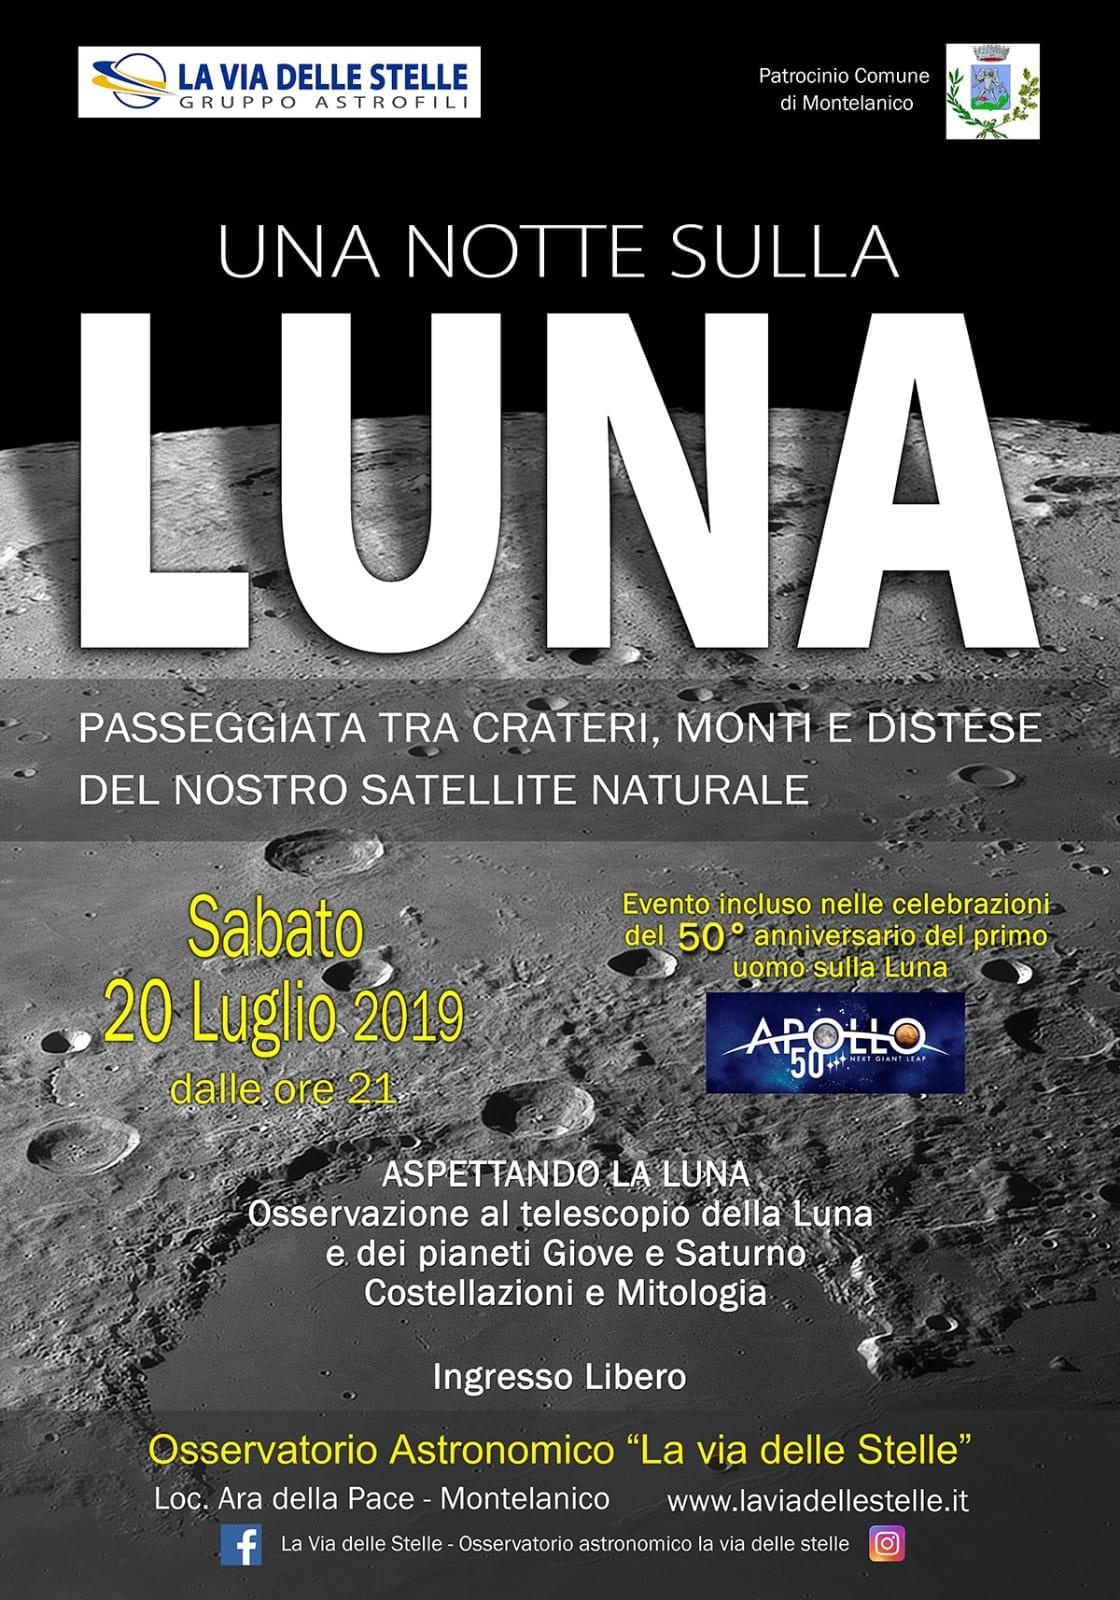 Montelanico: Una notte sulla Luna @ osservatorio astronomico | Montelanico | Lazio | Italia